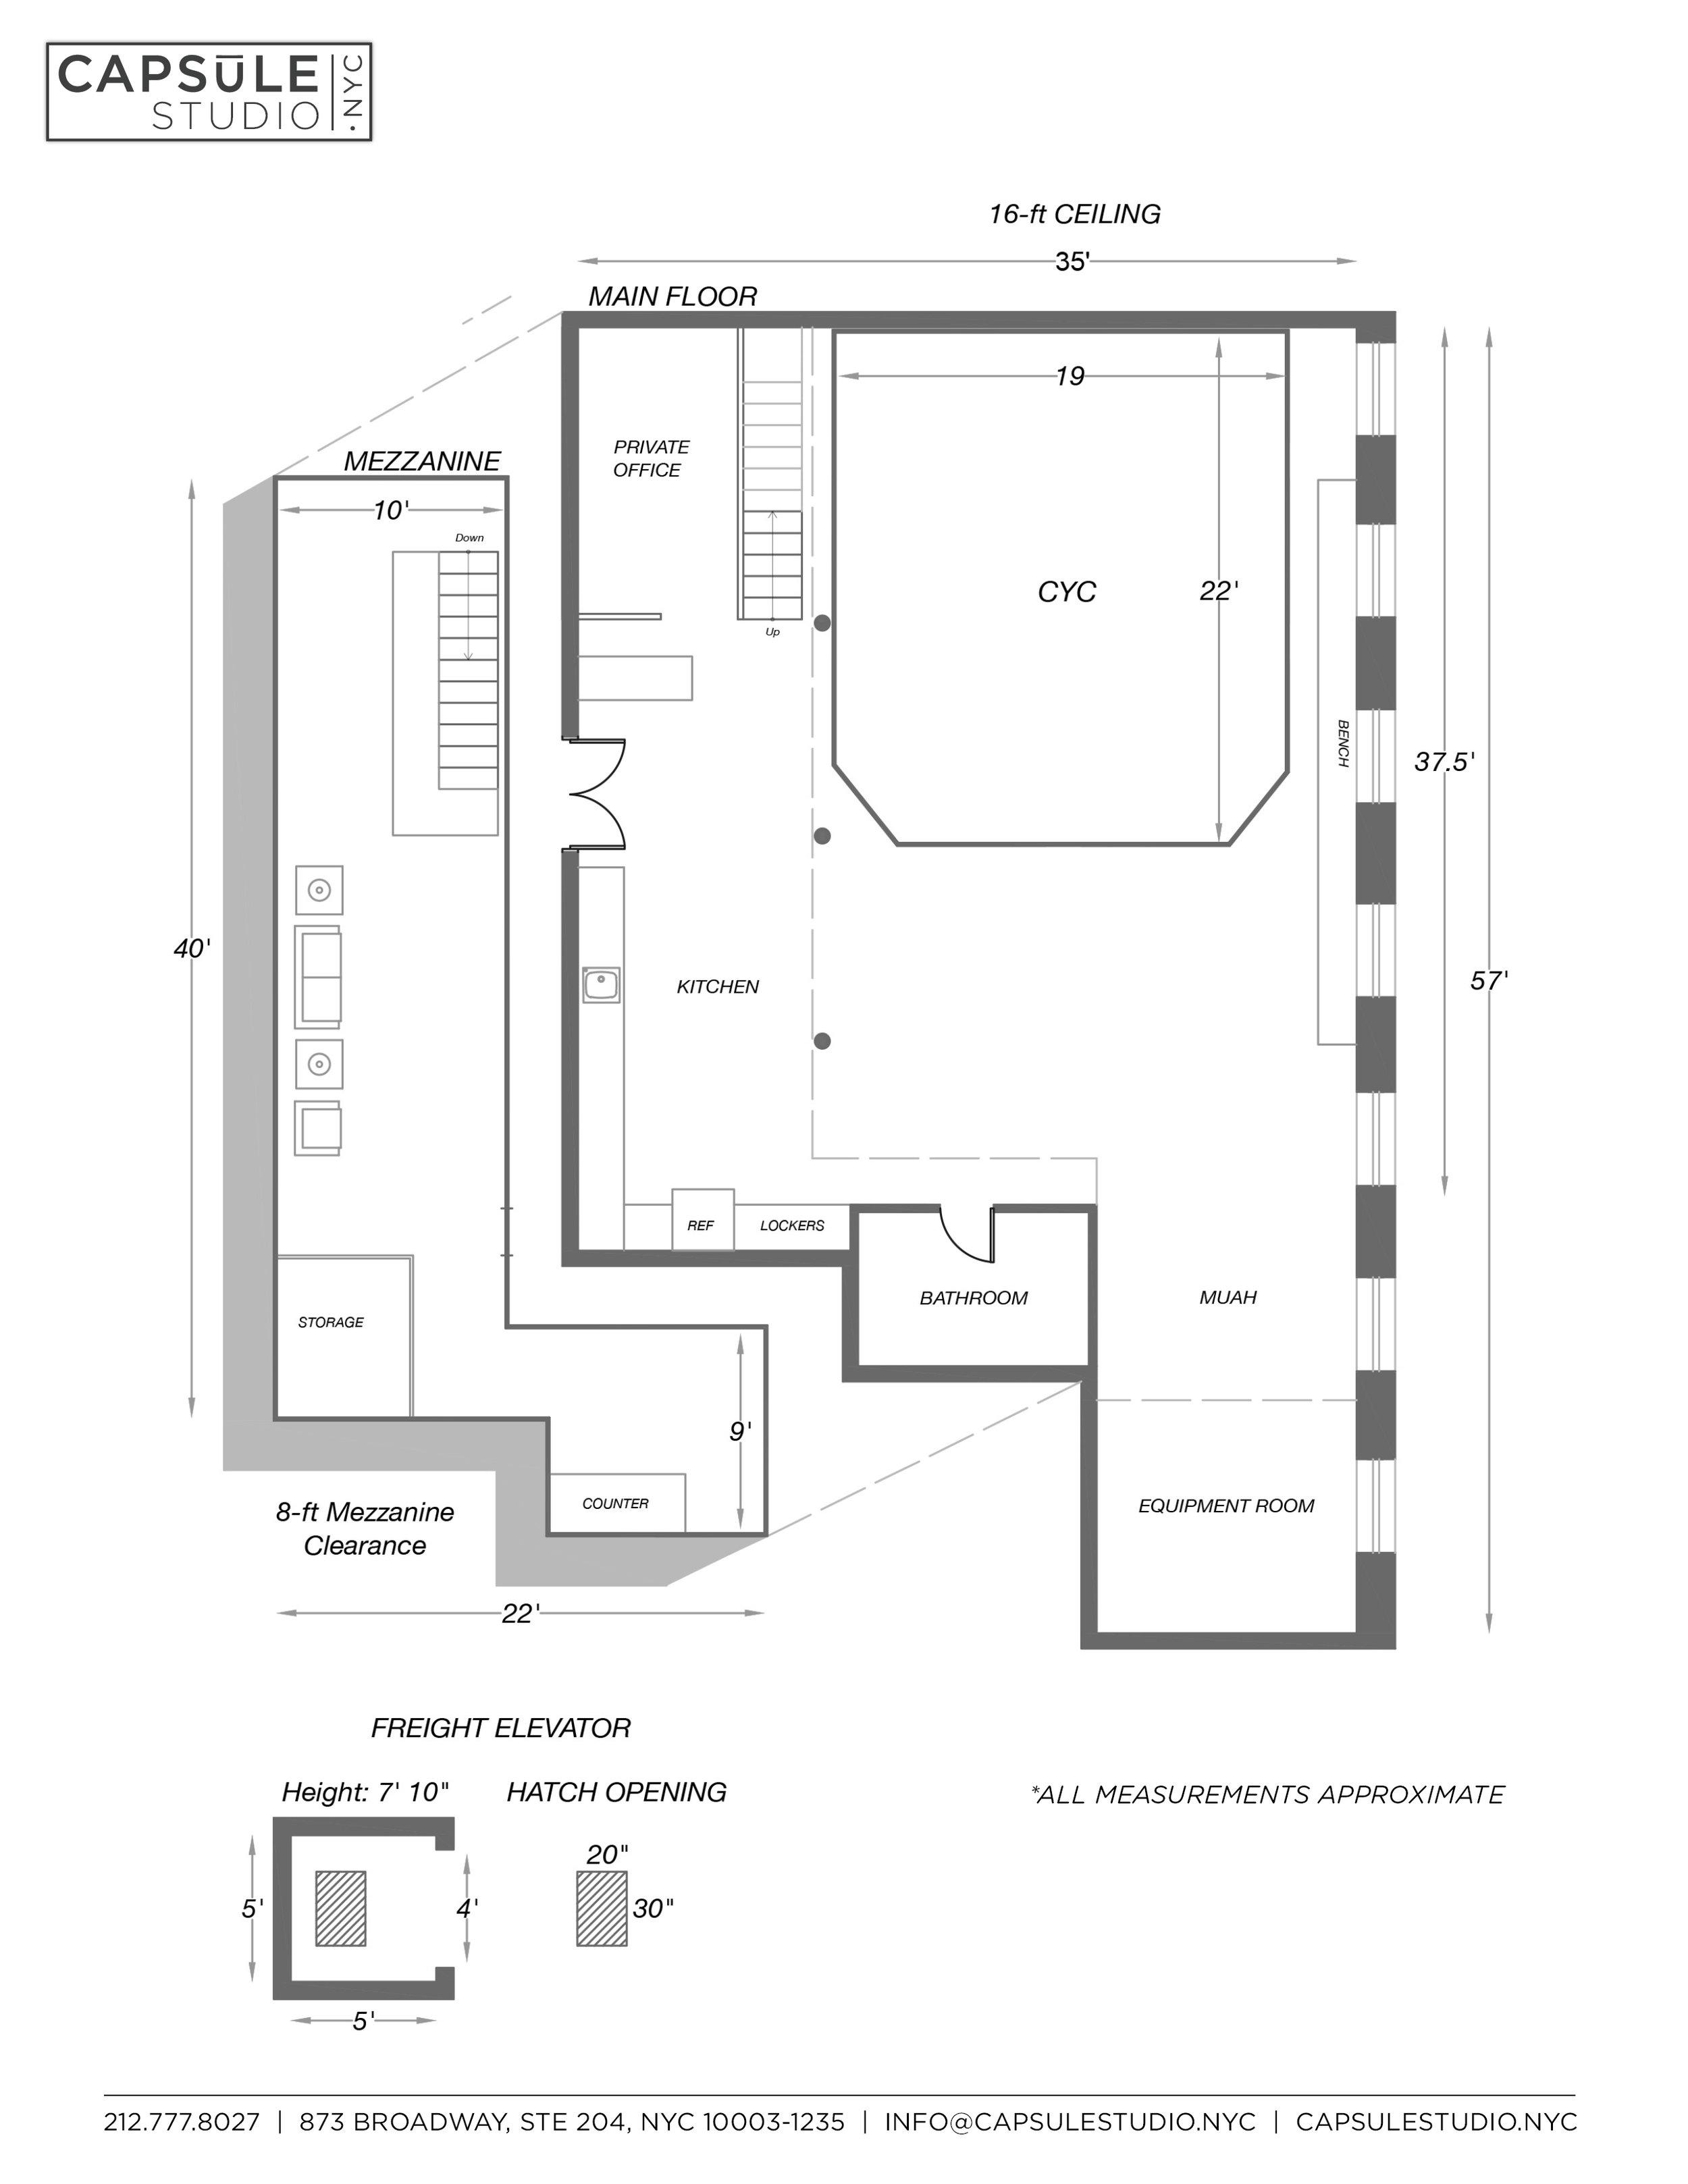 Main Floor Plan Capsule.jpg